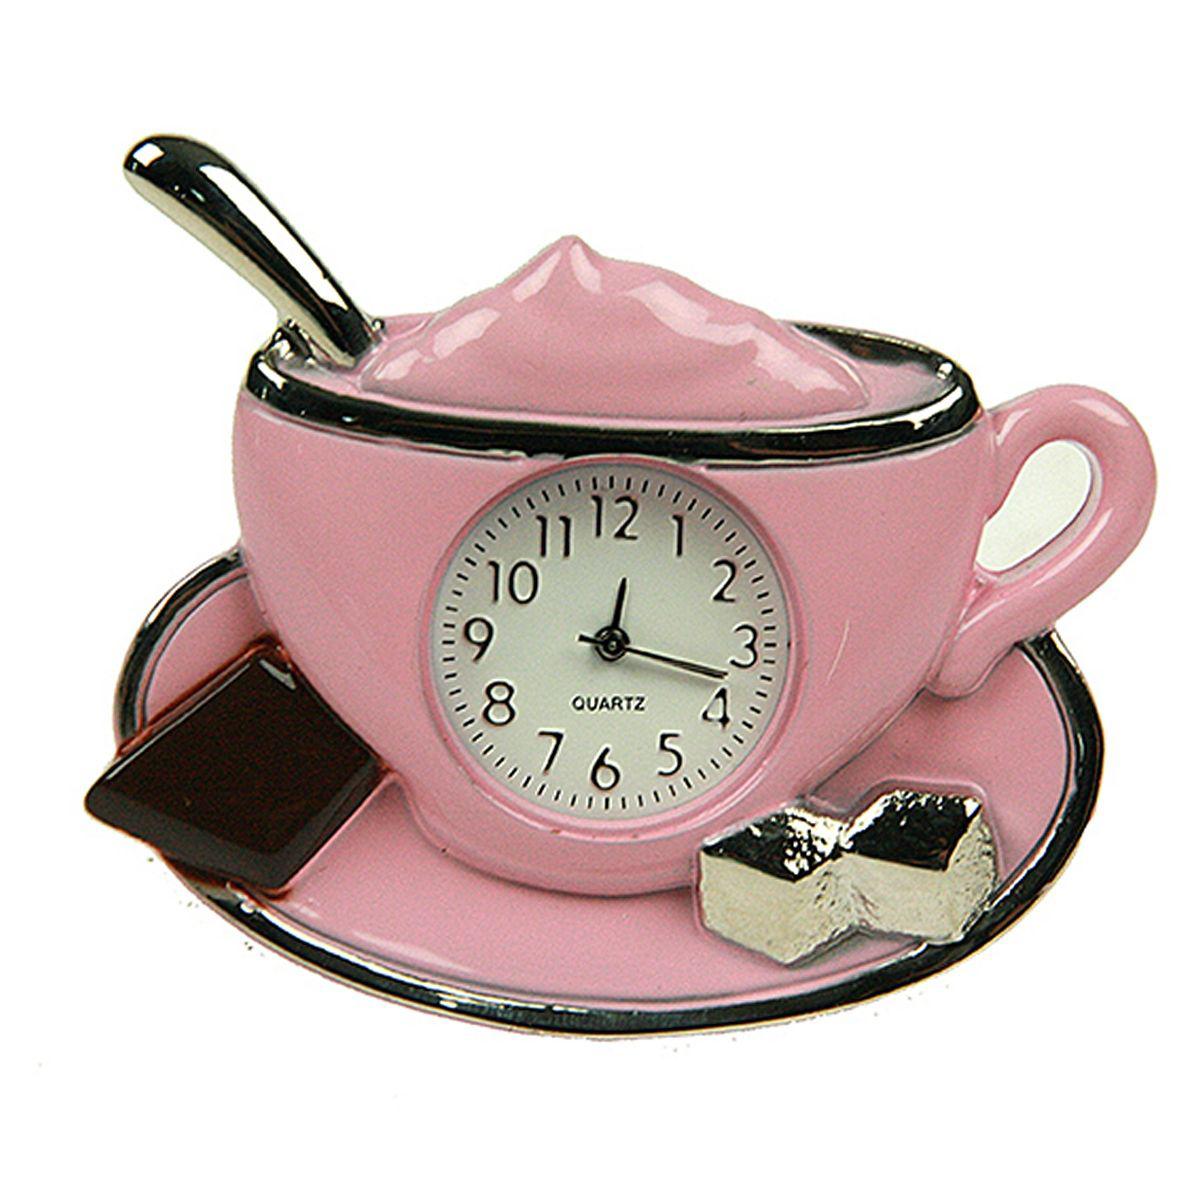 Часы настольные Русские Подарки Капучино. 2243622436Настольные кварцевые часы Русские Подарки Капучино изготовлены из металла. Корпус оригинально оформлен в виде чашечки кофе. Часы имеют три стрелки - часовую, минутную и секундную. Изящные часы украсят интерьер дома или рабочий стол в офисе. Также часы могут стать уникальным, полезным подарком для родственников, коллег, знакомых и близких. Часы работают от батареек типа SR626 (в комплект не входят).